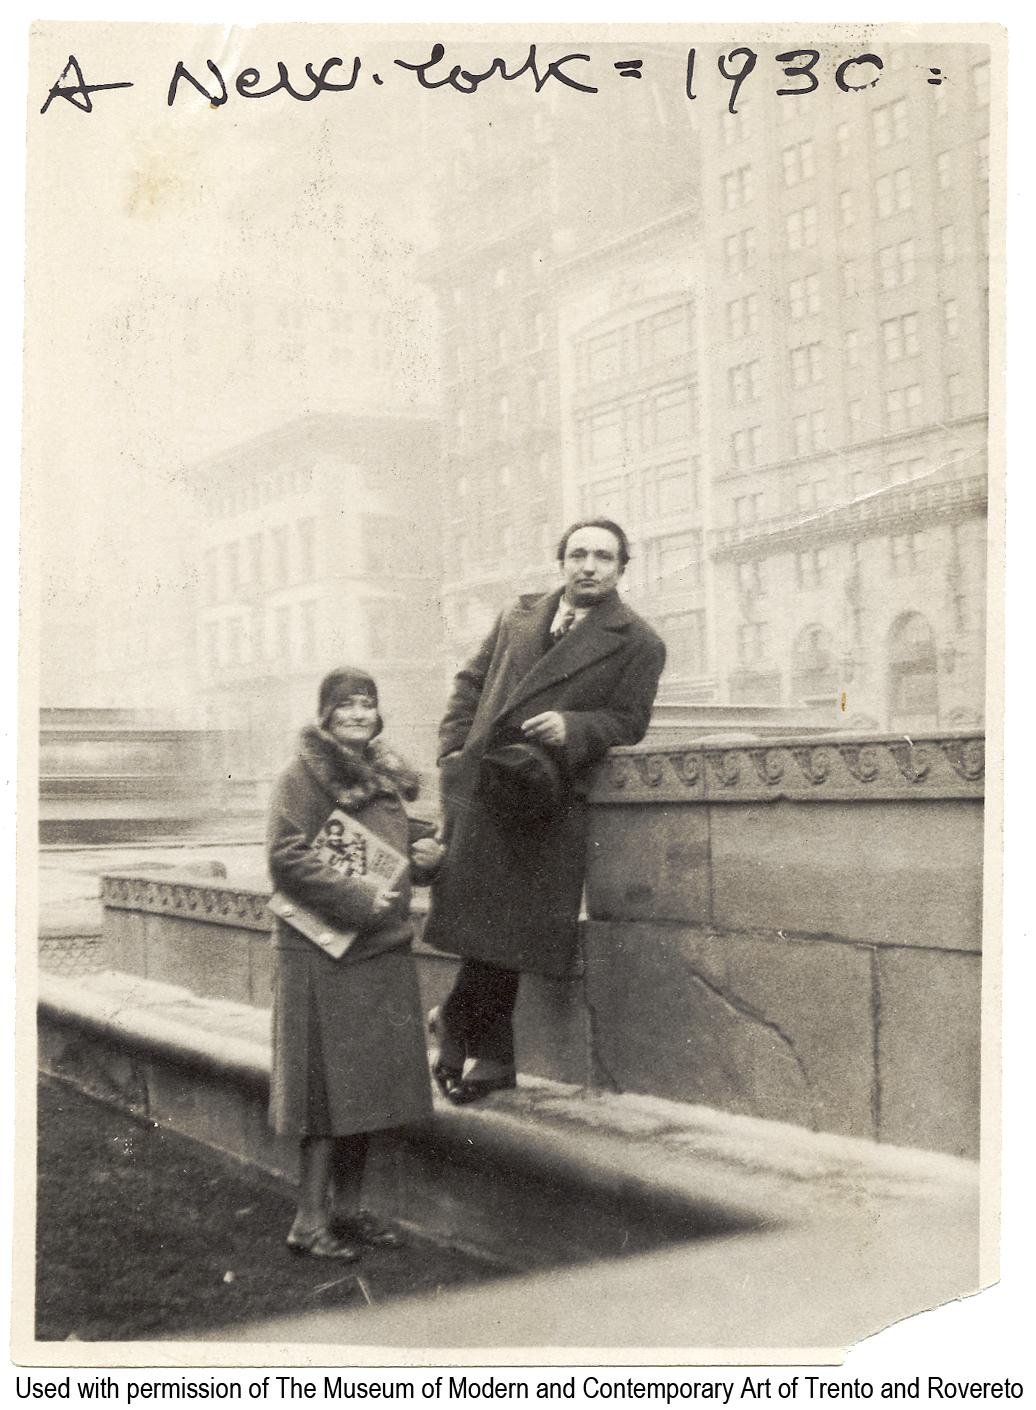 Dep.6.3.8 - «A New York - 1930». - New York, 1930. - 1 fotografia : b.n. ; 110 x 85 mm Pubblicato in: R. Antolini (a cura di), «Libri taglienti esplosivi e luminosi», 2005, p.134. Precedente segnatura Vol.850,|p.6 Sommario: Depero e Rosetta, con il libro imbullonato in mano, a New York sul tetto dell'Advertising Club in Park Avenue